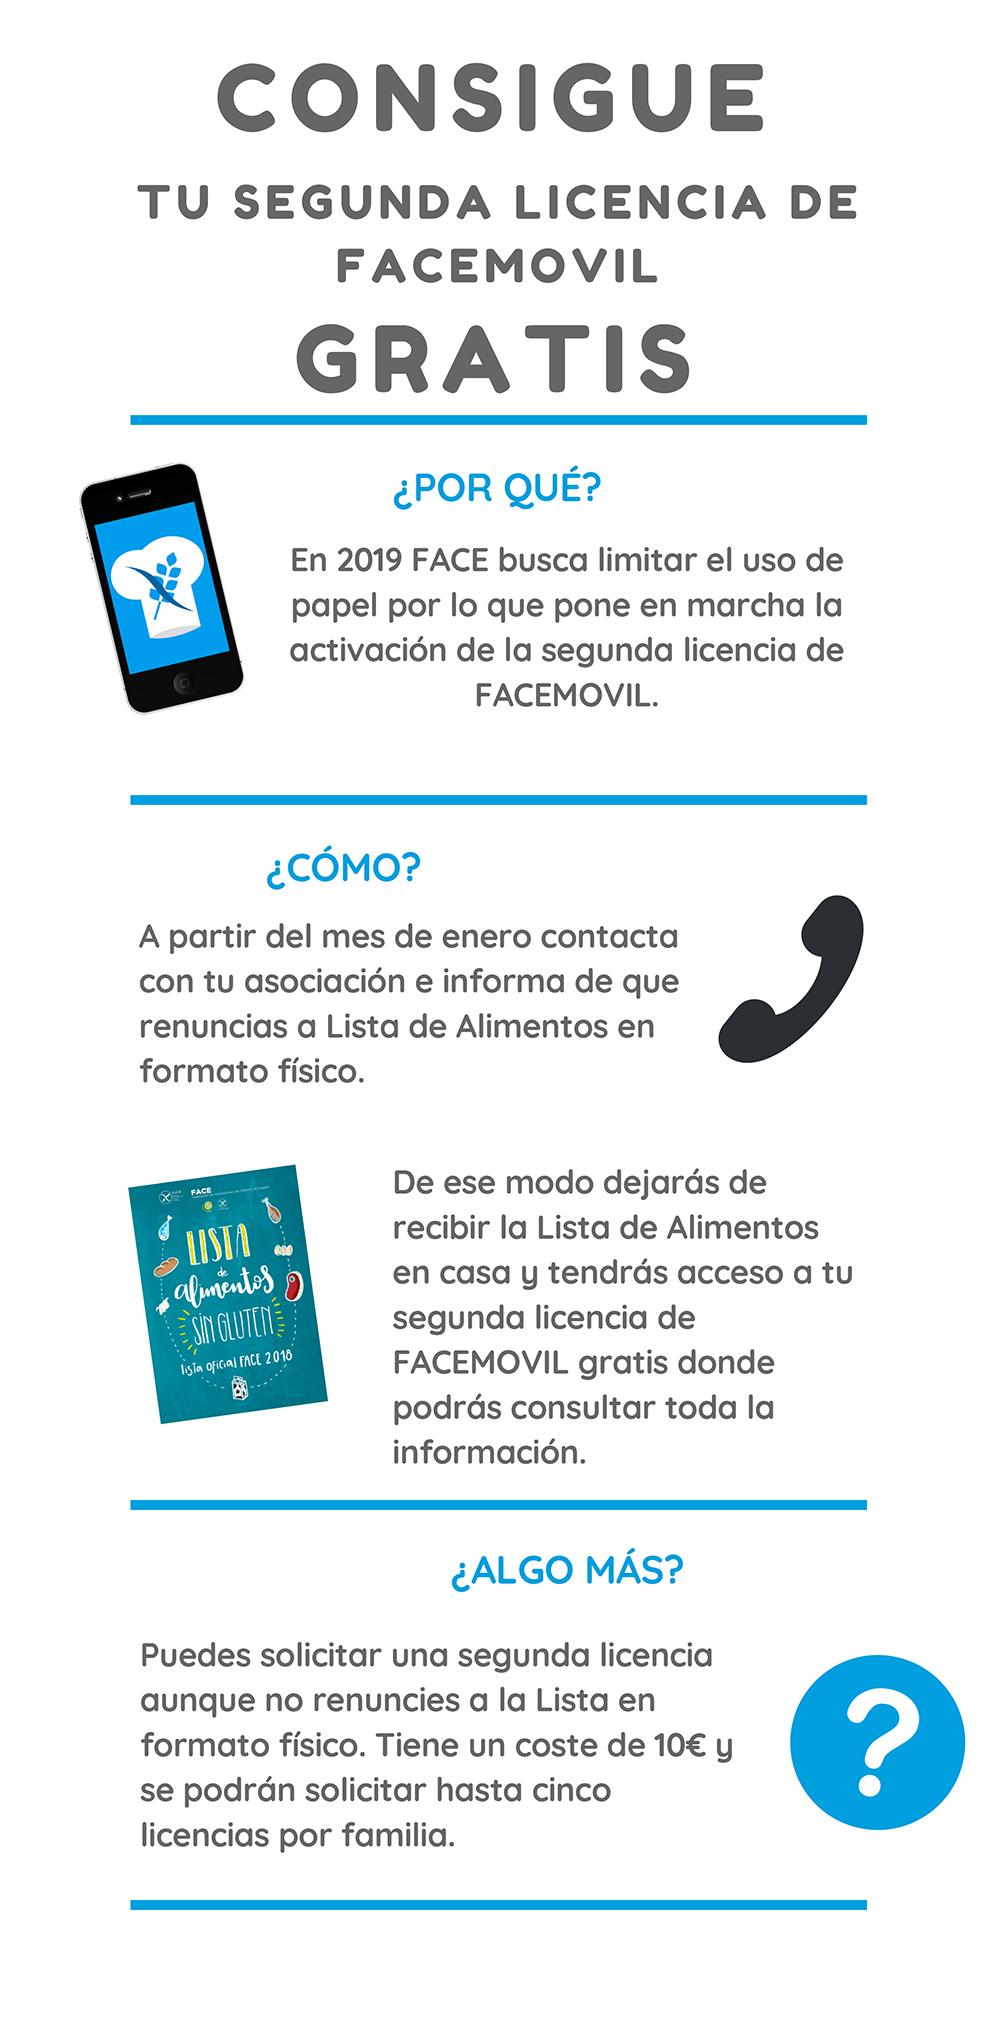 Segunda licencia FACEMOVIL infografia